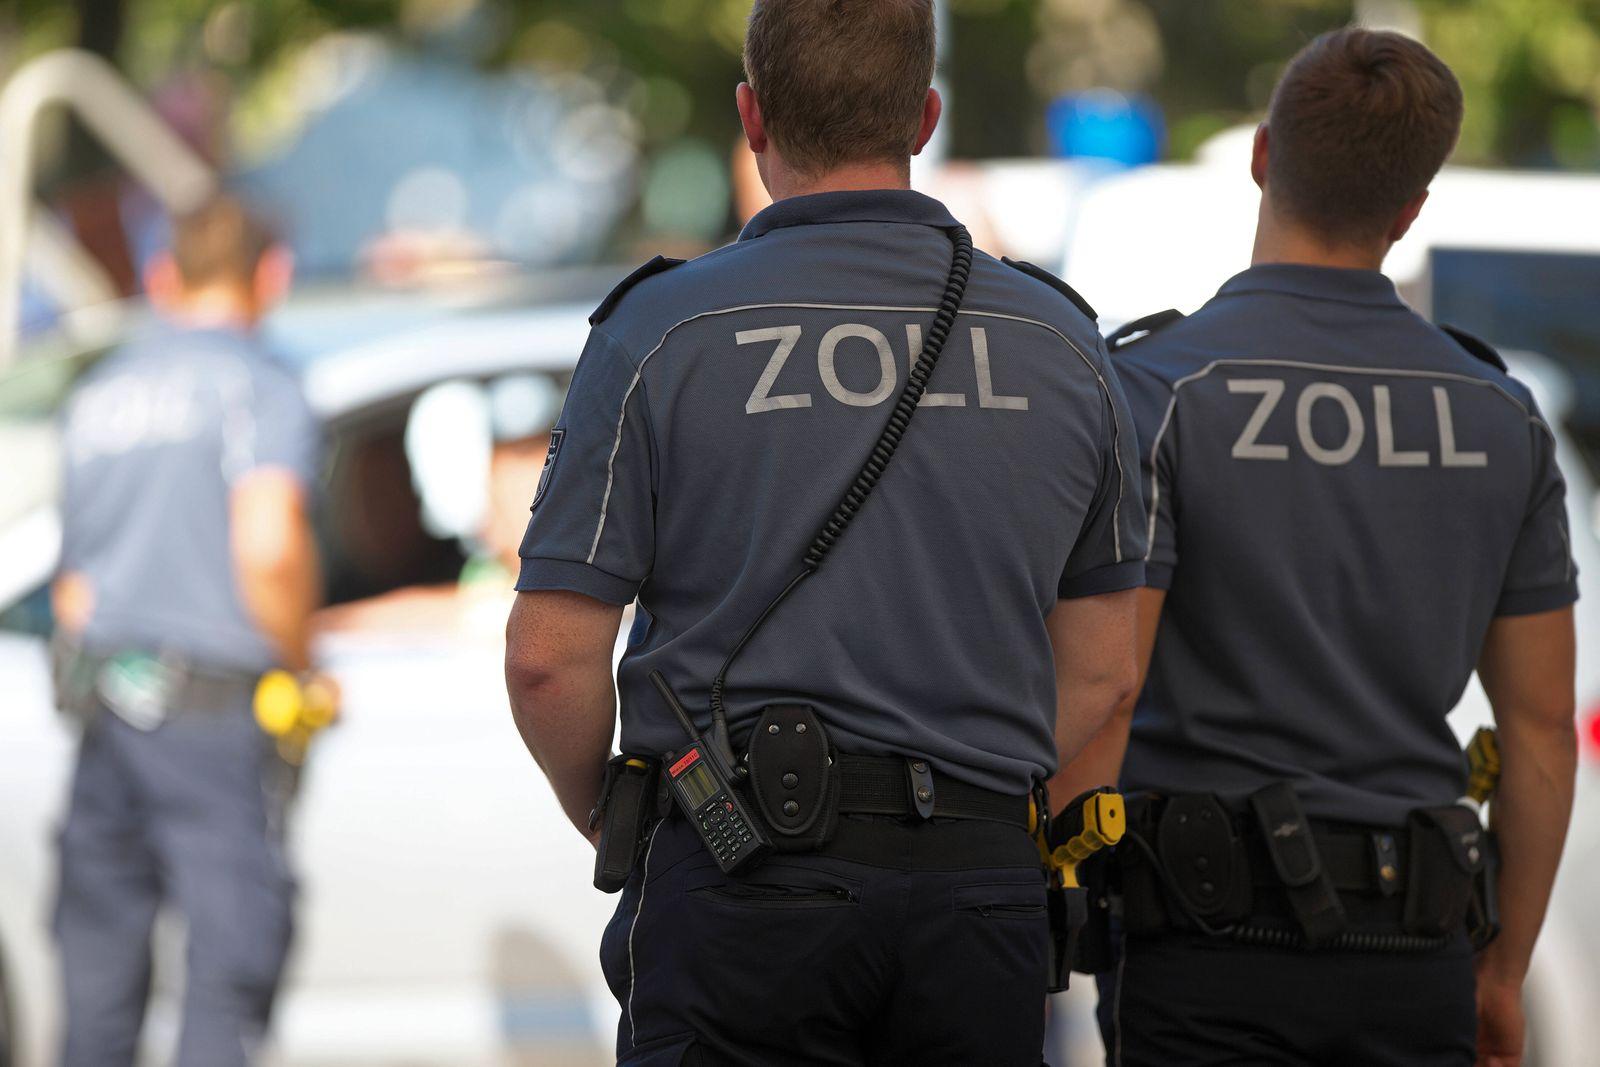 Zollbeamte demonstrieren Fahrzeug- und Personenkontrollen am Tag des Zolls. Tag des Zolls in Konstanz am 15. September 2